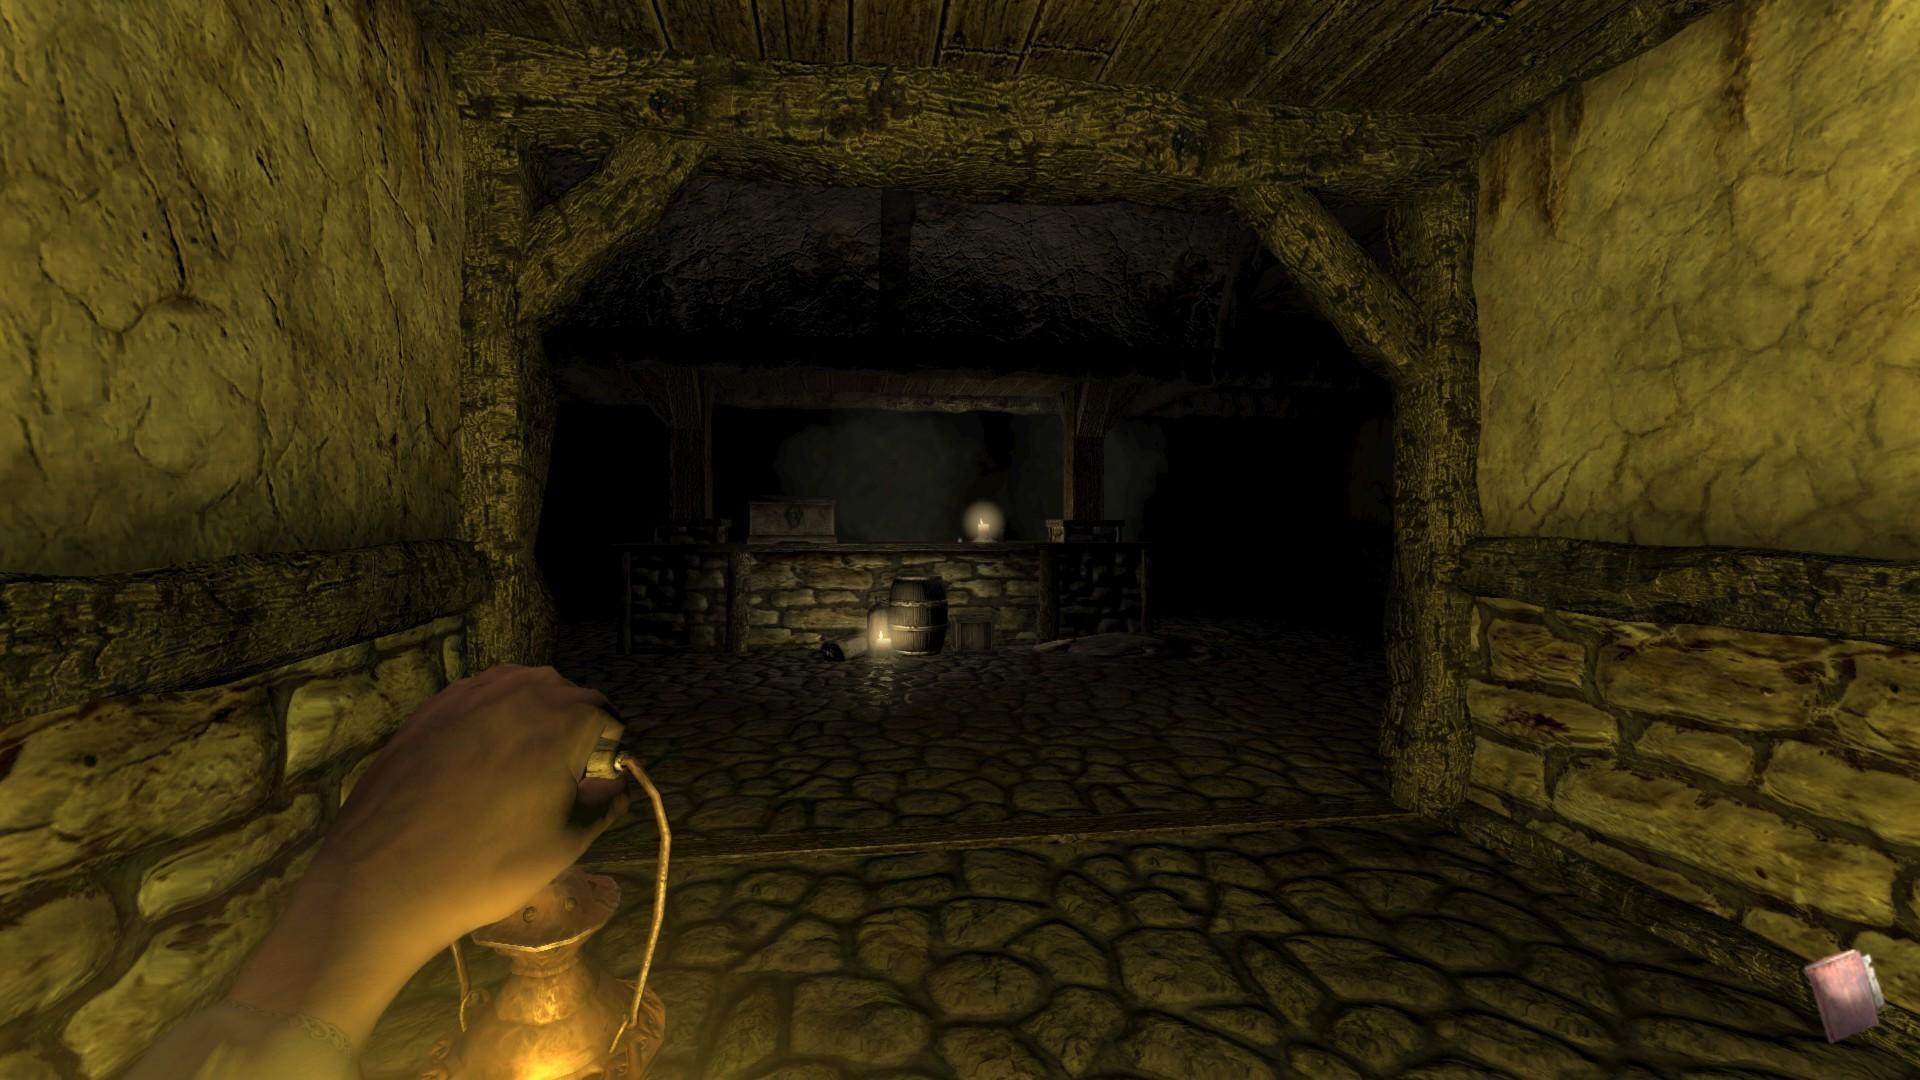 Free Download Amnesia The Dark Descent Wallpaper 52283 1920x1080